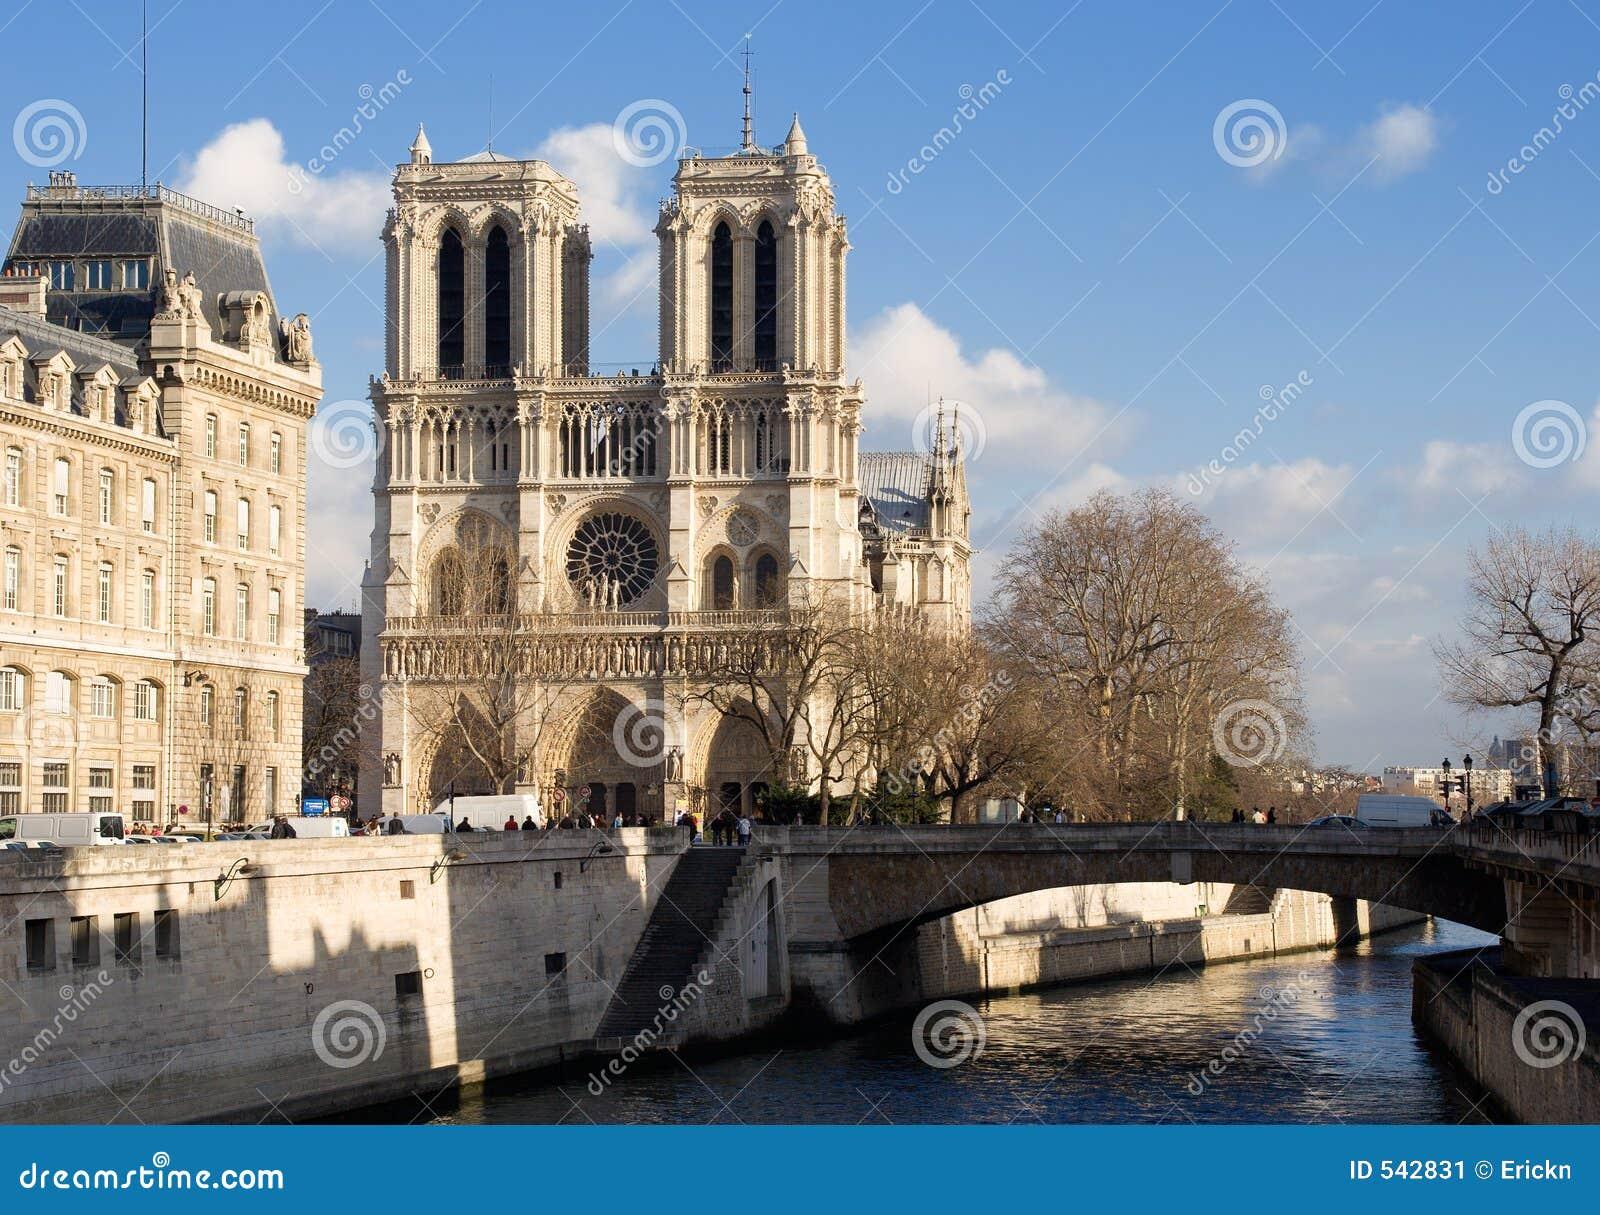 Download De notre巴黎贵妇人 库存图片. 图片 包括有 旅行, 哥特式, 宽容, 巴黎人, 浏览, 地标, 城市 - 542831